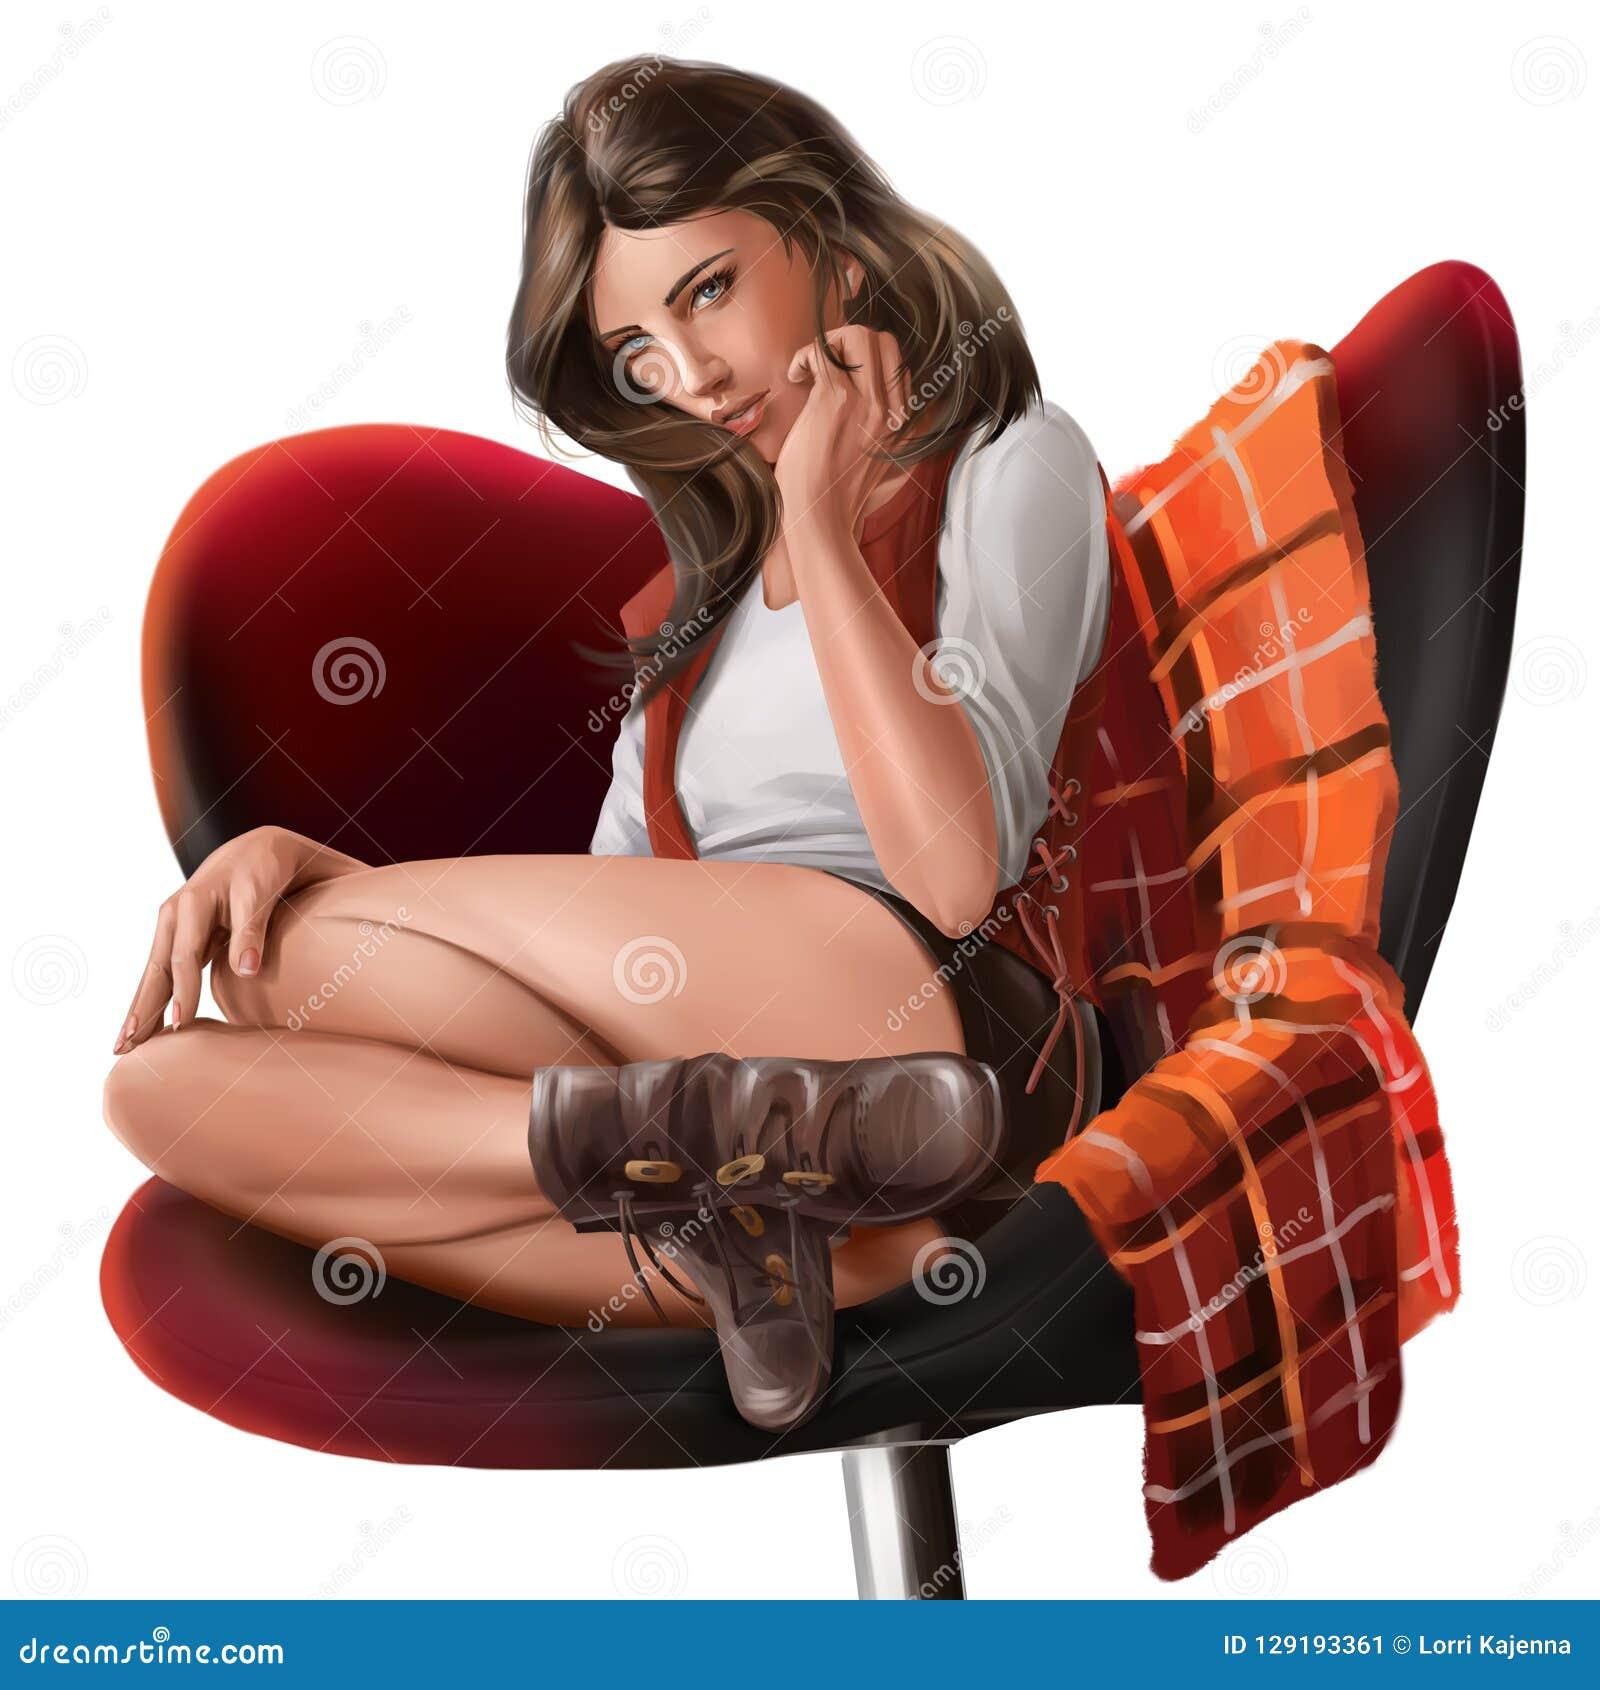 Συνεδρίαση κοριτσιών σε μια καρέκλα υψηλό watercolor ποιοτικής ανίχνευσης ζωγραφικής διορθώσεων πλίθας photoshop πολύ